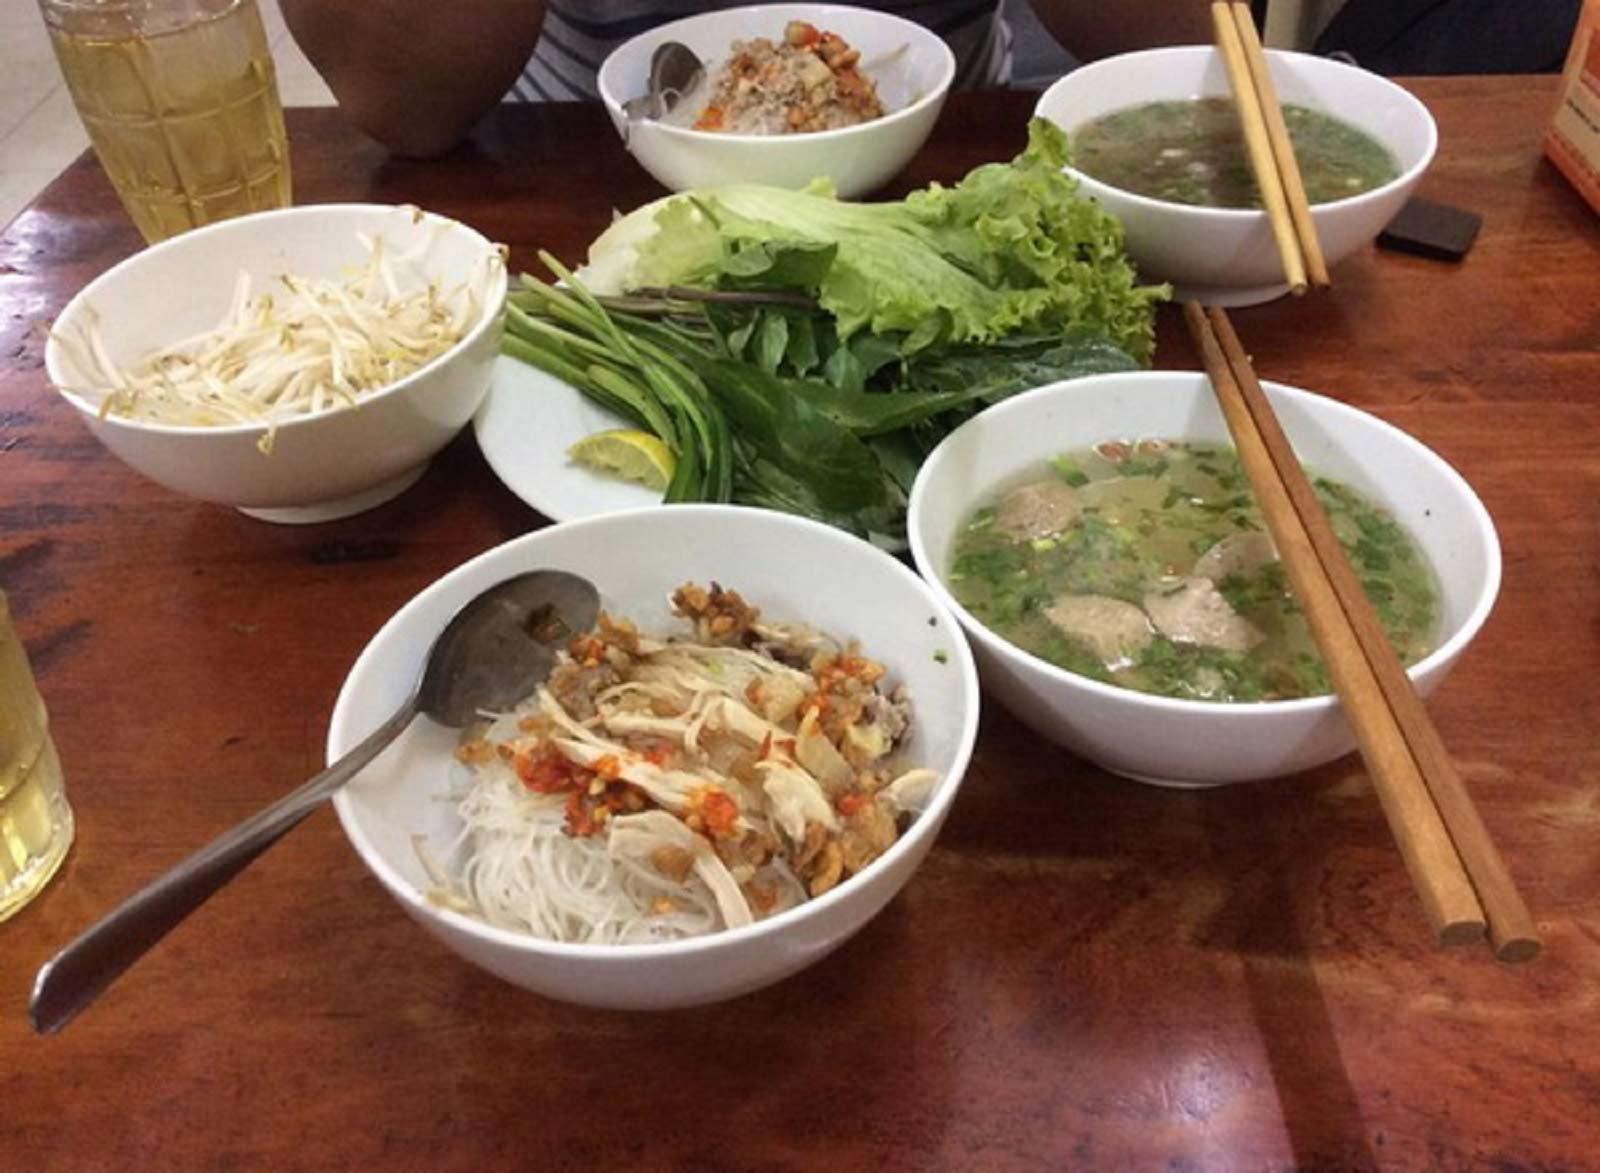 Món ăn nổi tiếng, gây thương nhớ ở phố núi Pleiku - 2